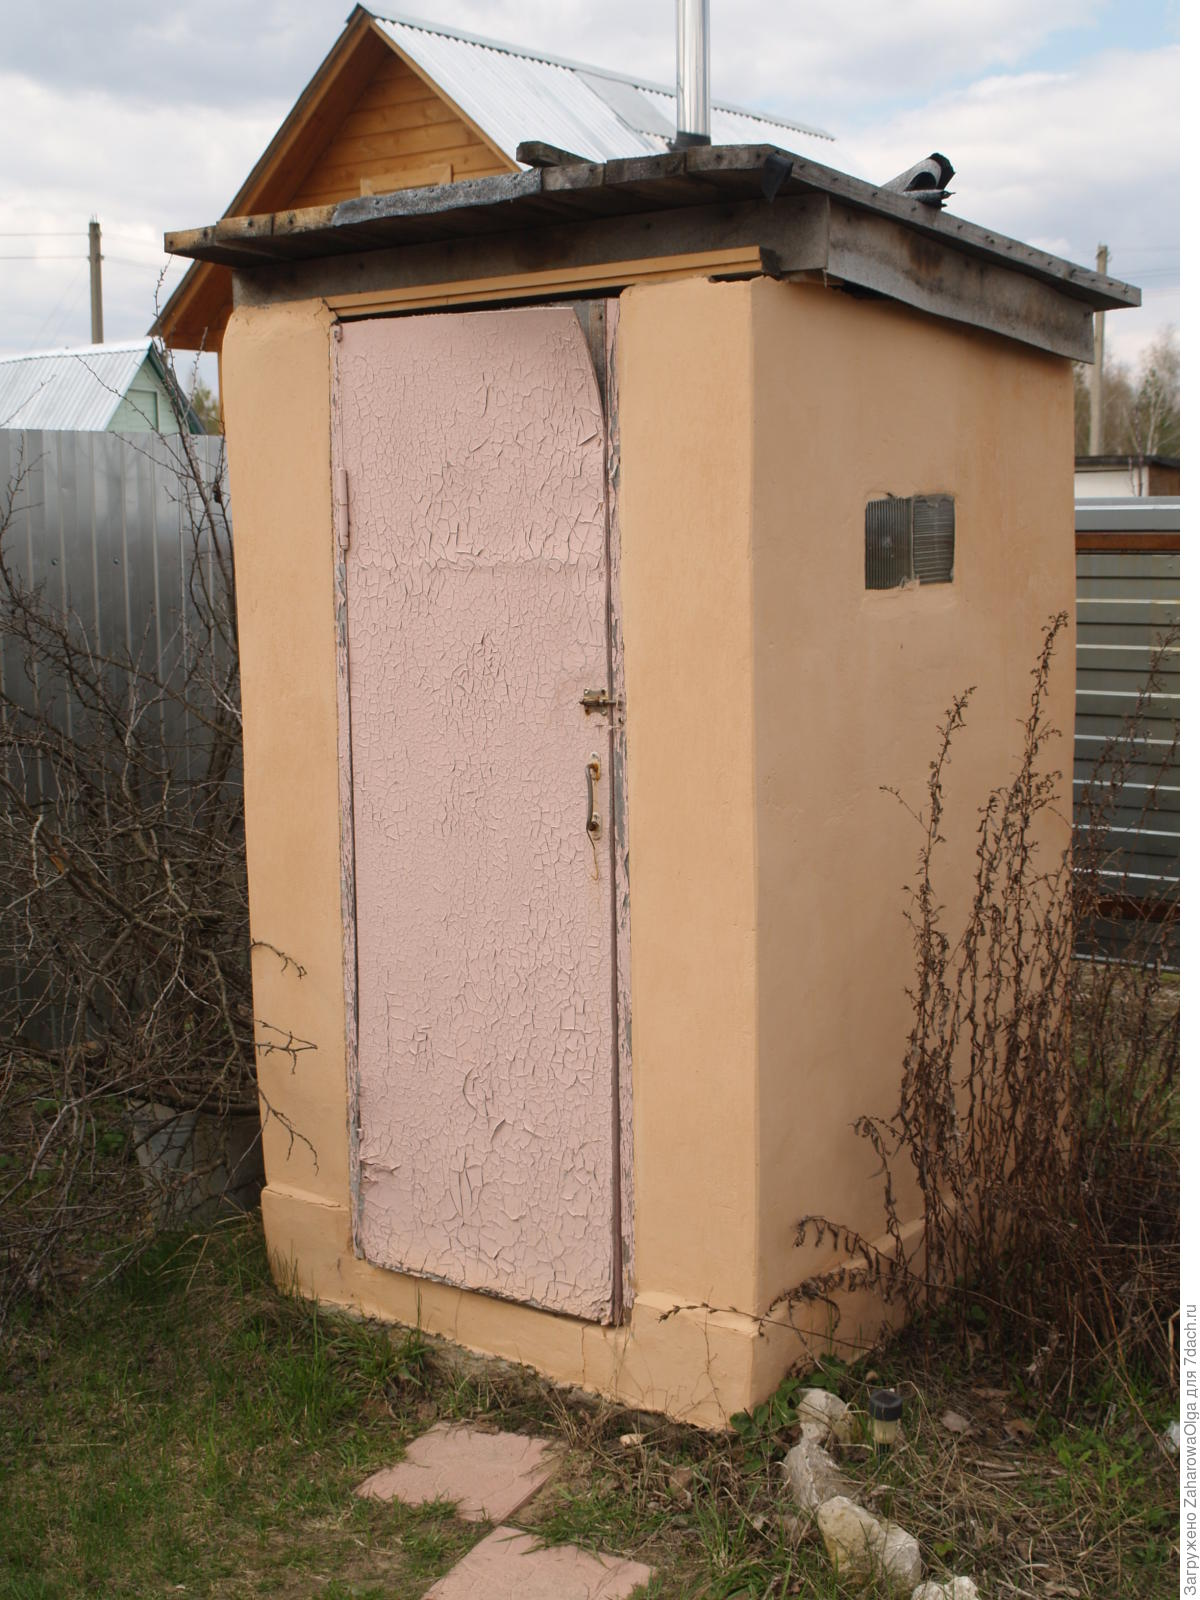 Как построить туалет на улице своими руками 69